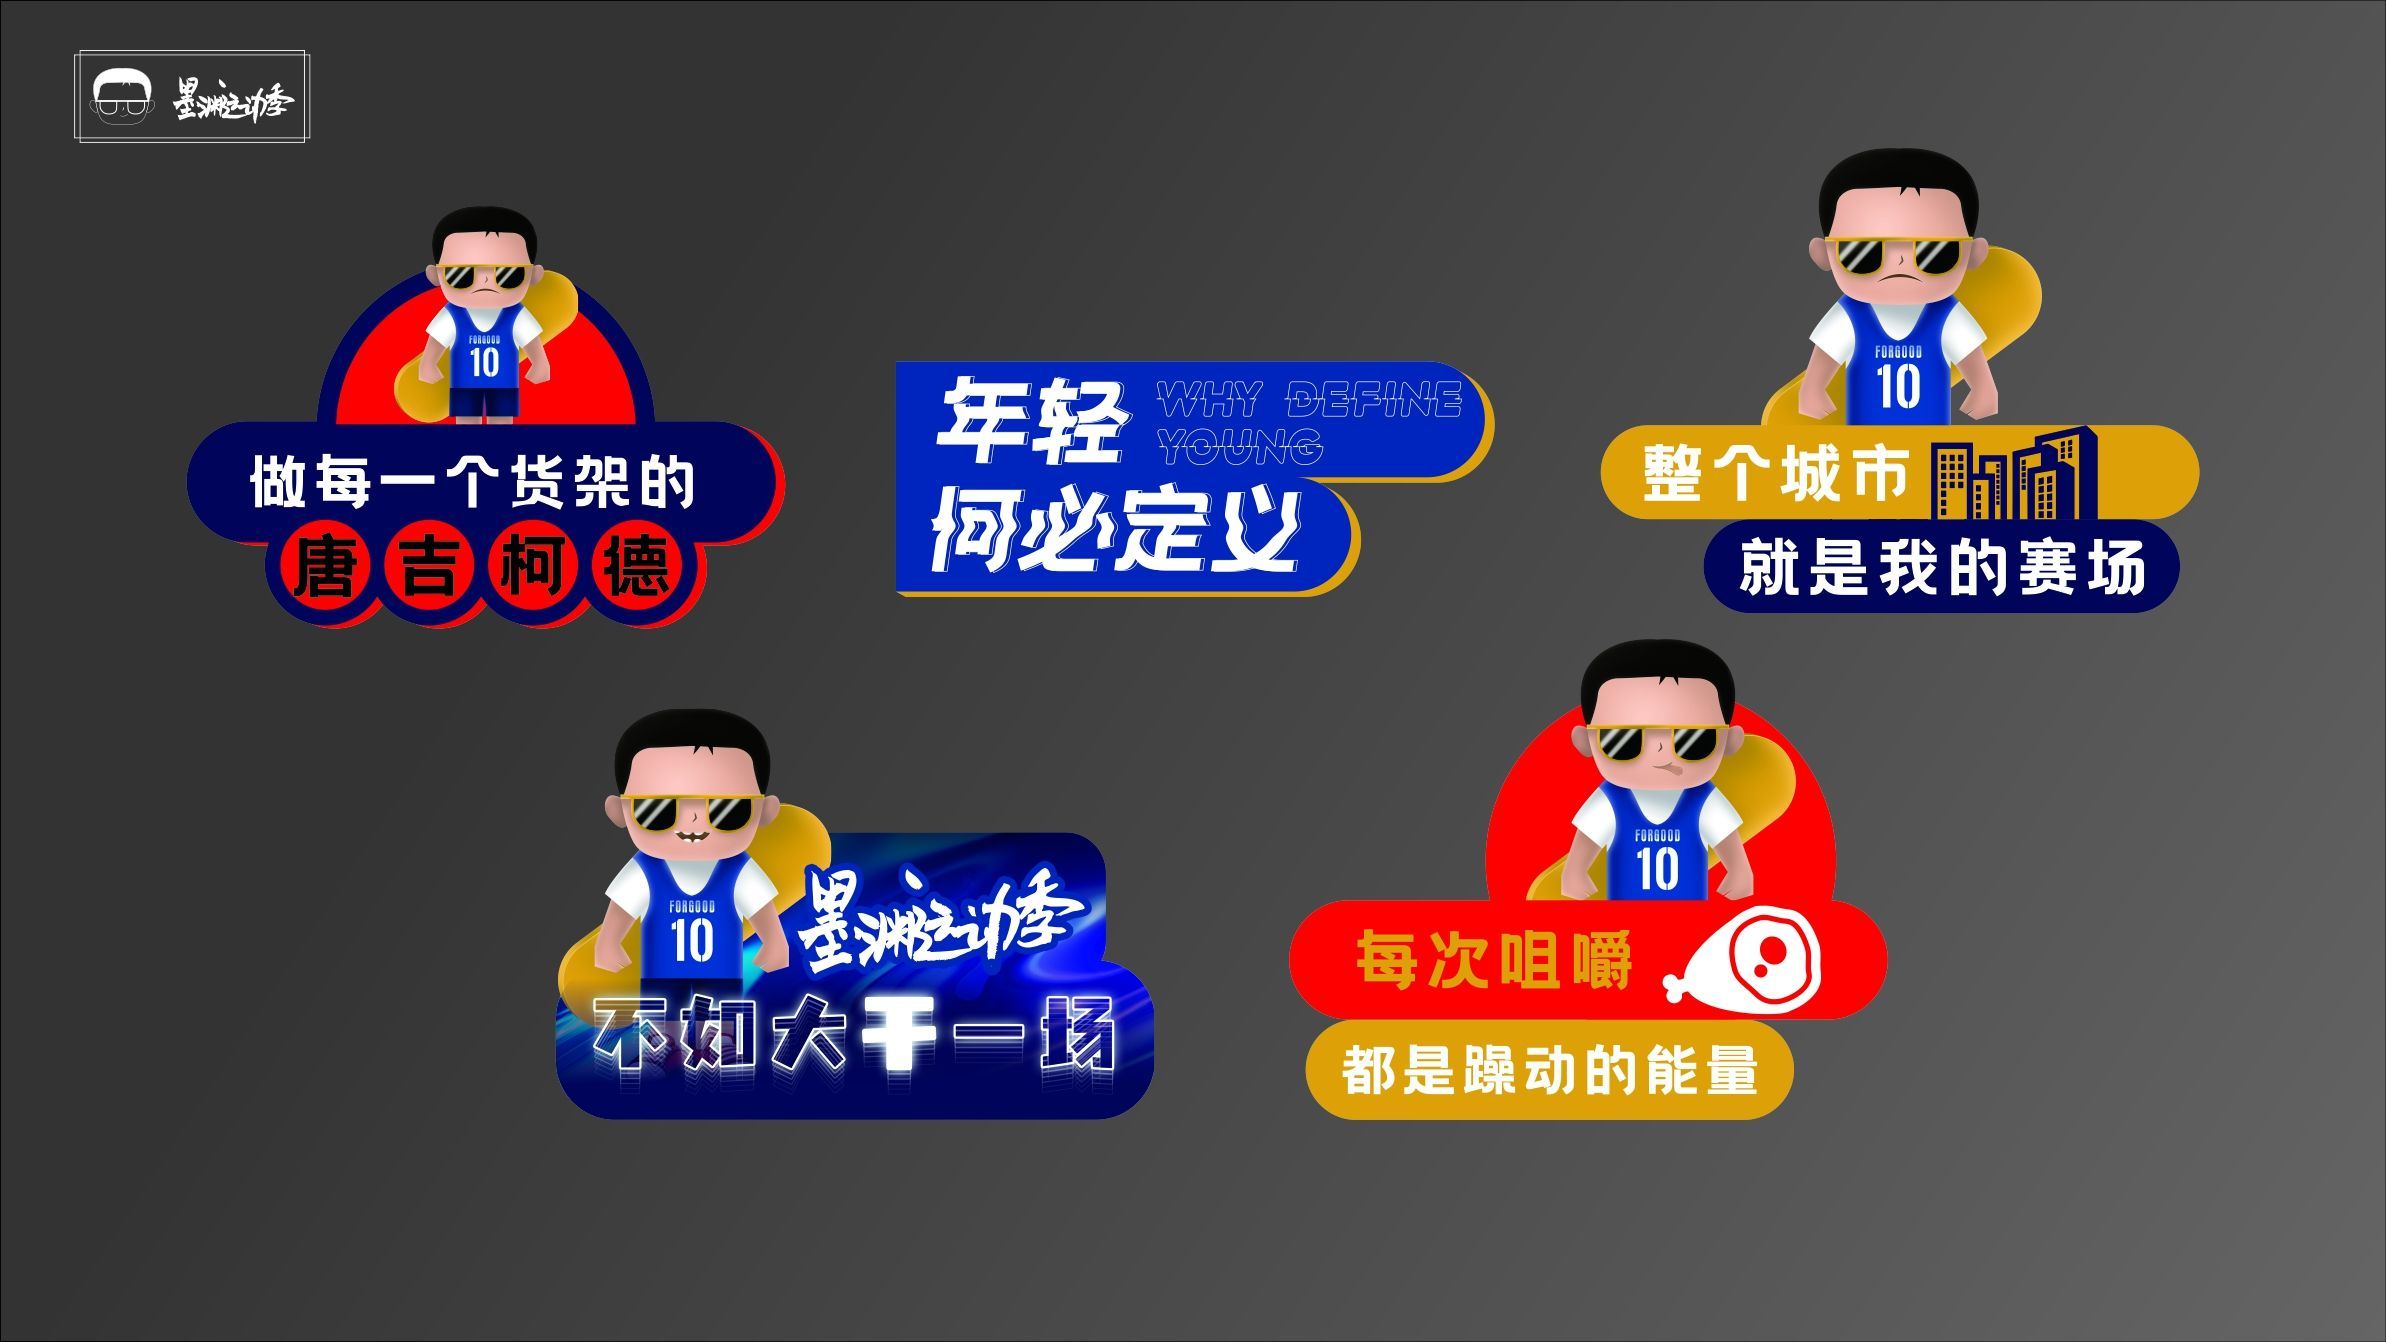 丰谷墨渊运动季提案设计 飞特网 原创广告物料设计